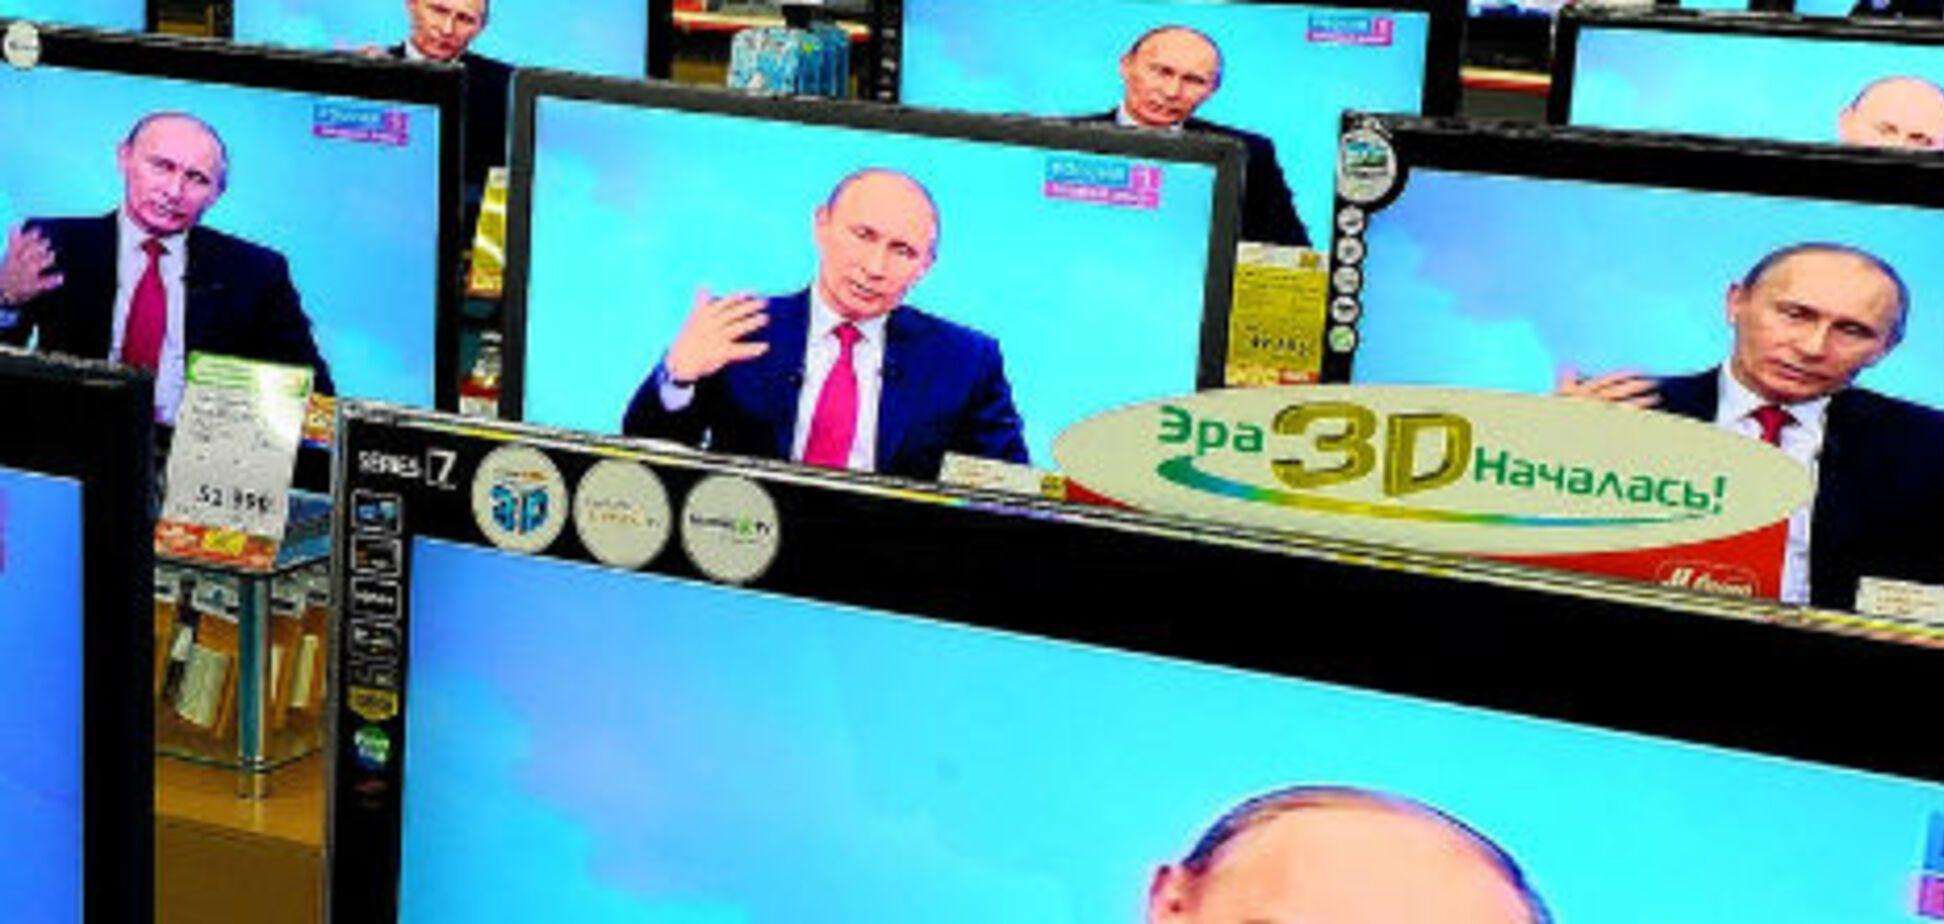 'Не ведитесь': пропагандистов Кремля подловили на новой подлости